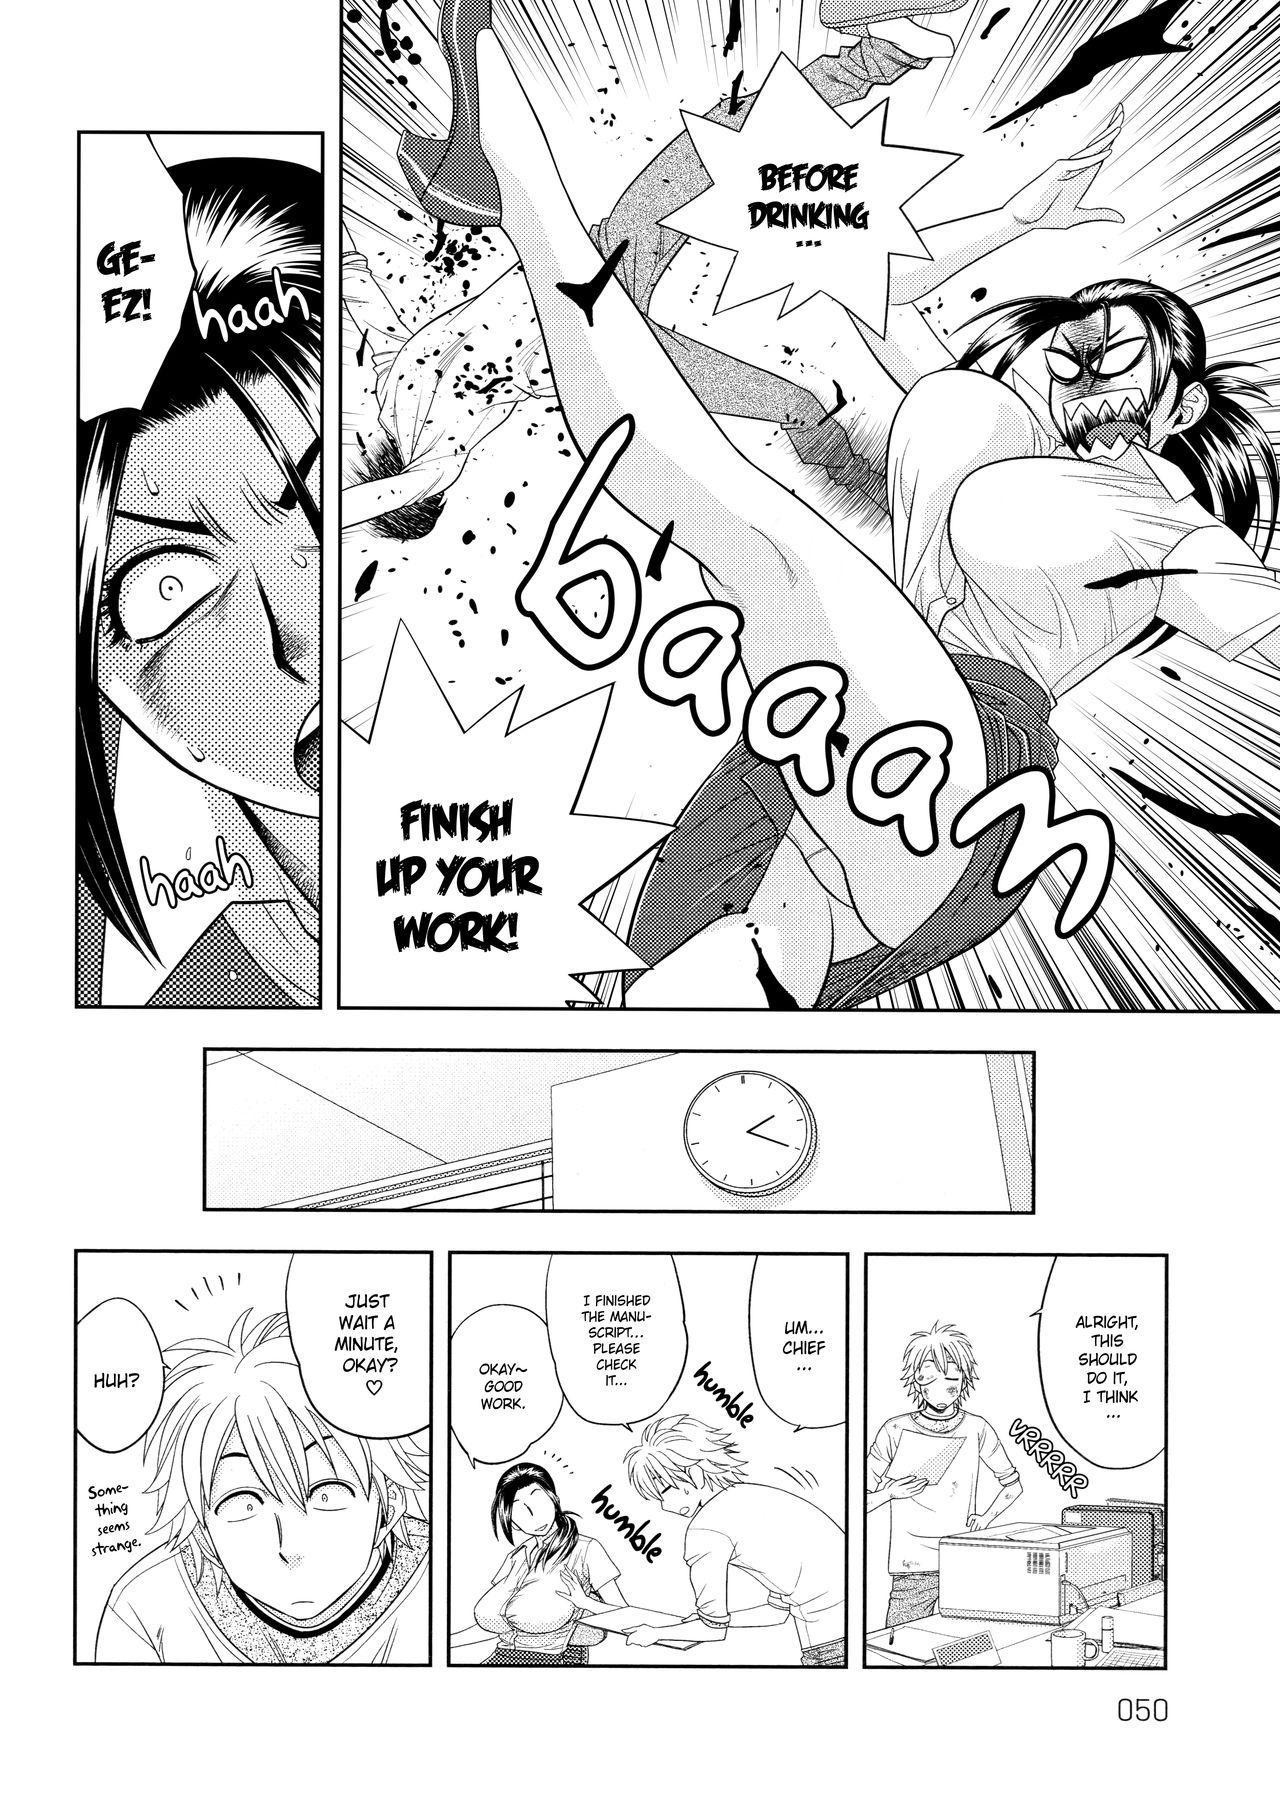 [Tatsunami Youtoku, Yamazaki Masato] Bijin Henshuu-chou no Himitsu | Beautiful Editor-in-Chief's Secret Ch. 1-3 [English] [Forbiddenfetish77, Red Vodka] [Decensored] 49